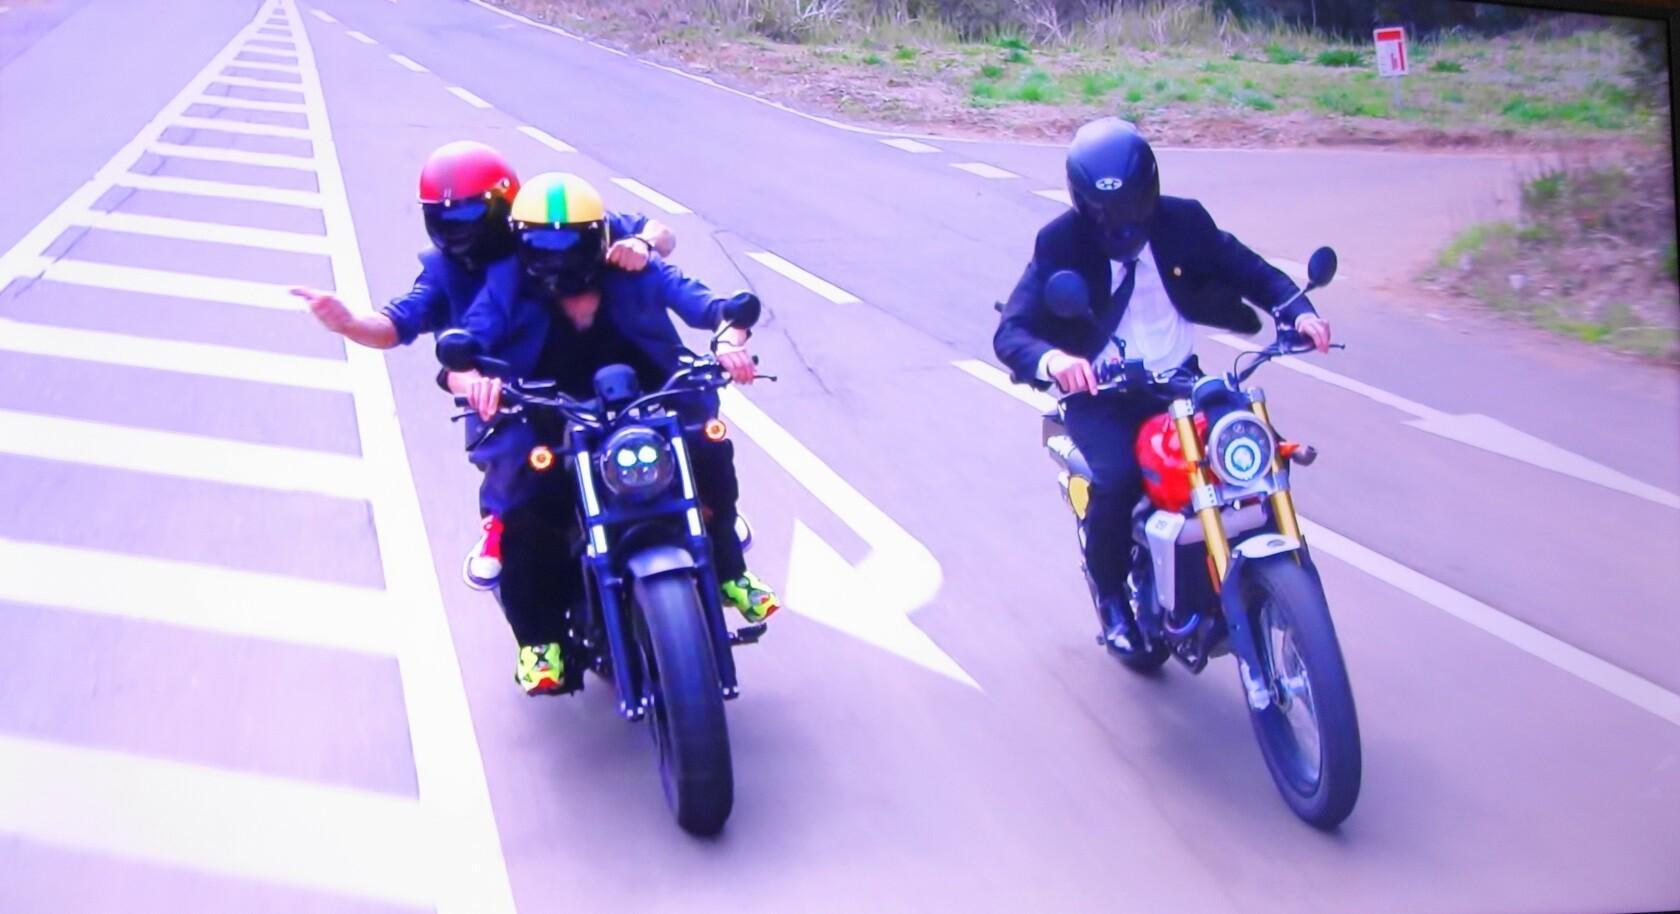 桜木建二がバイクに乗るシーン